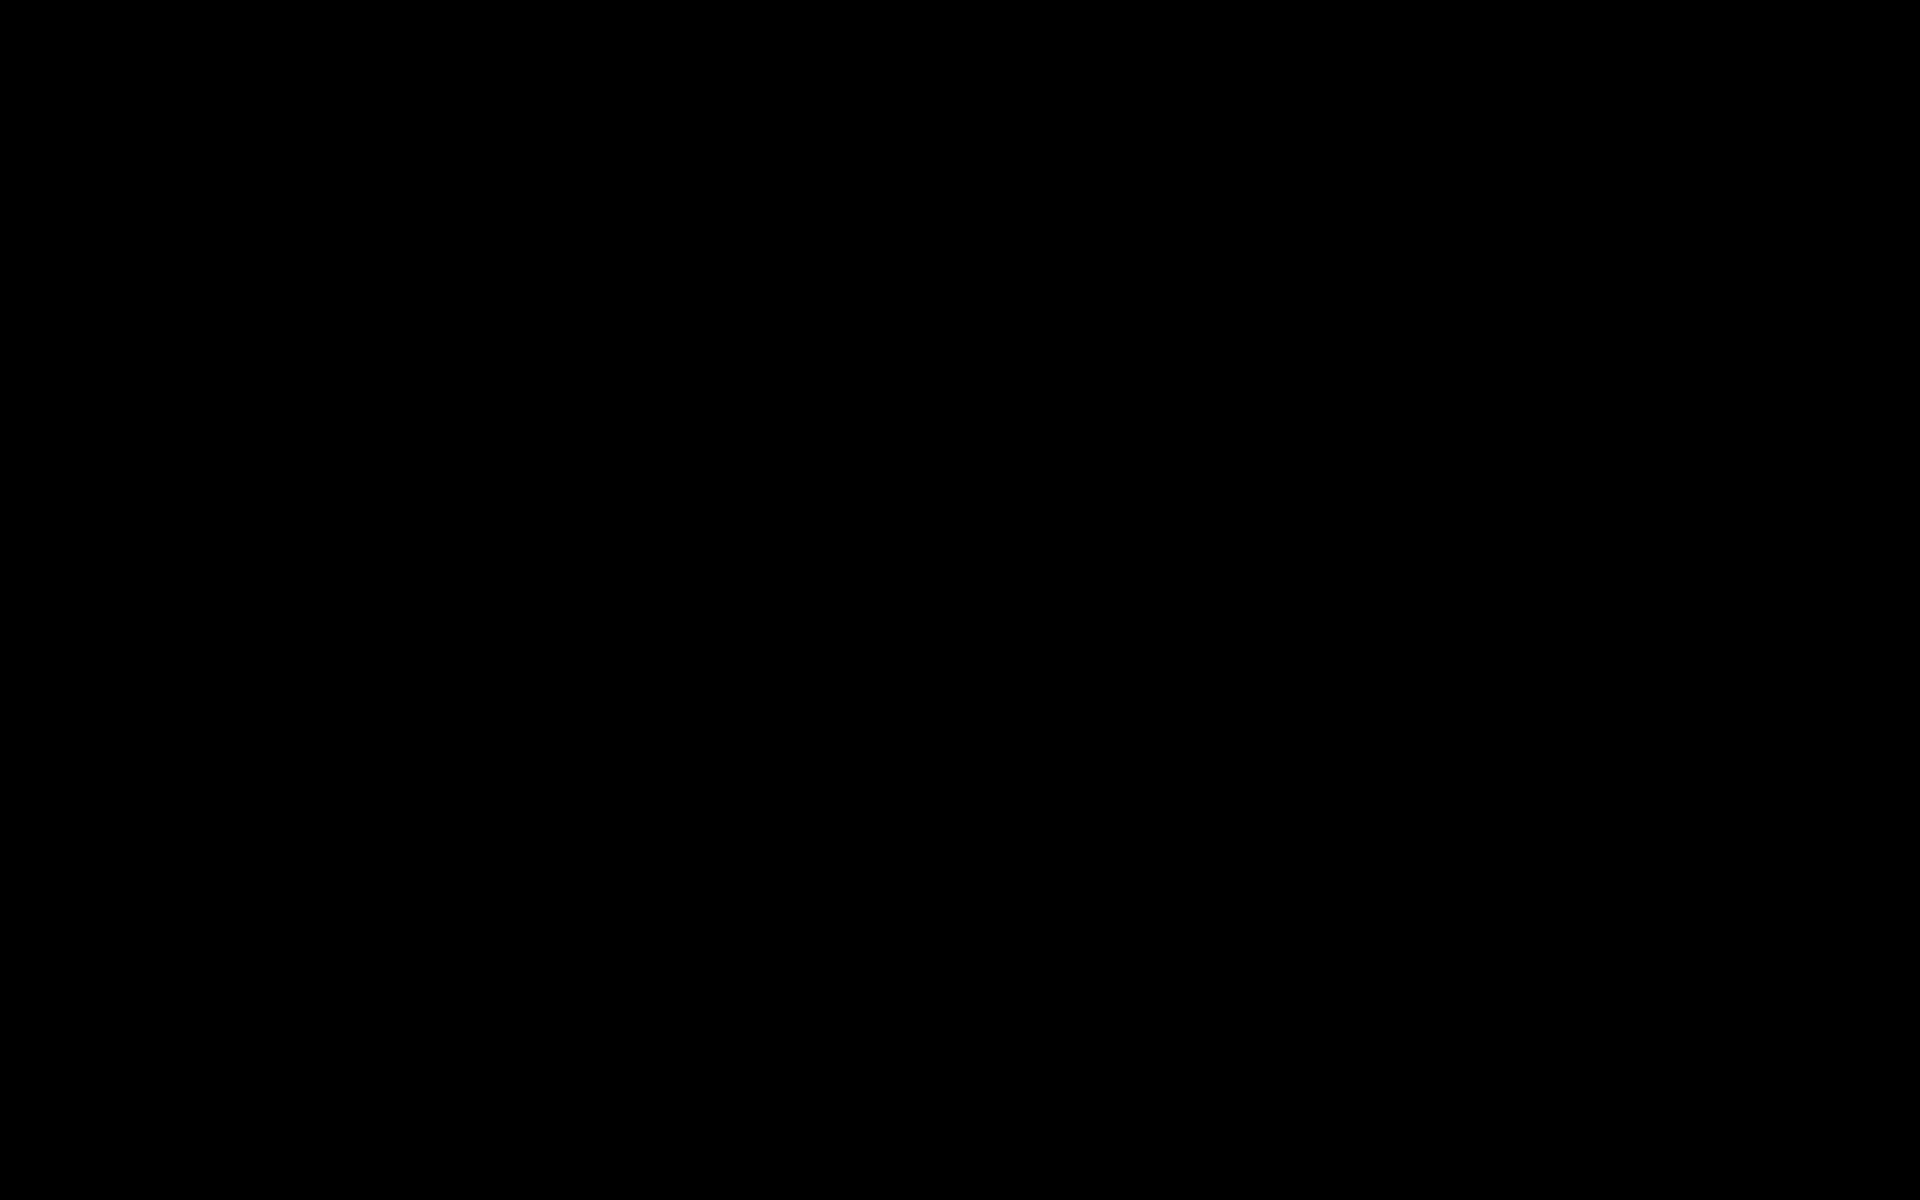 小清新素雅极简创意黑色ppt背景图片下载